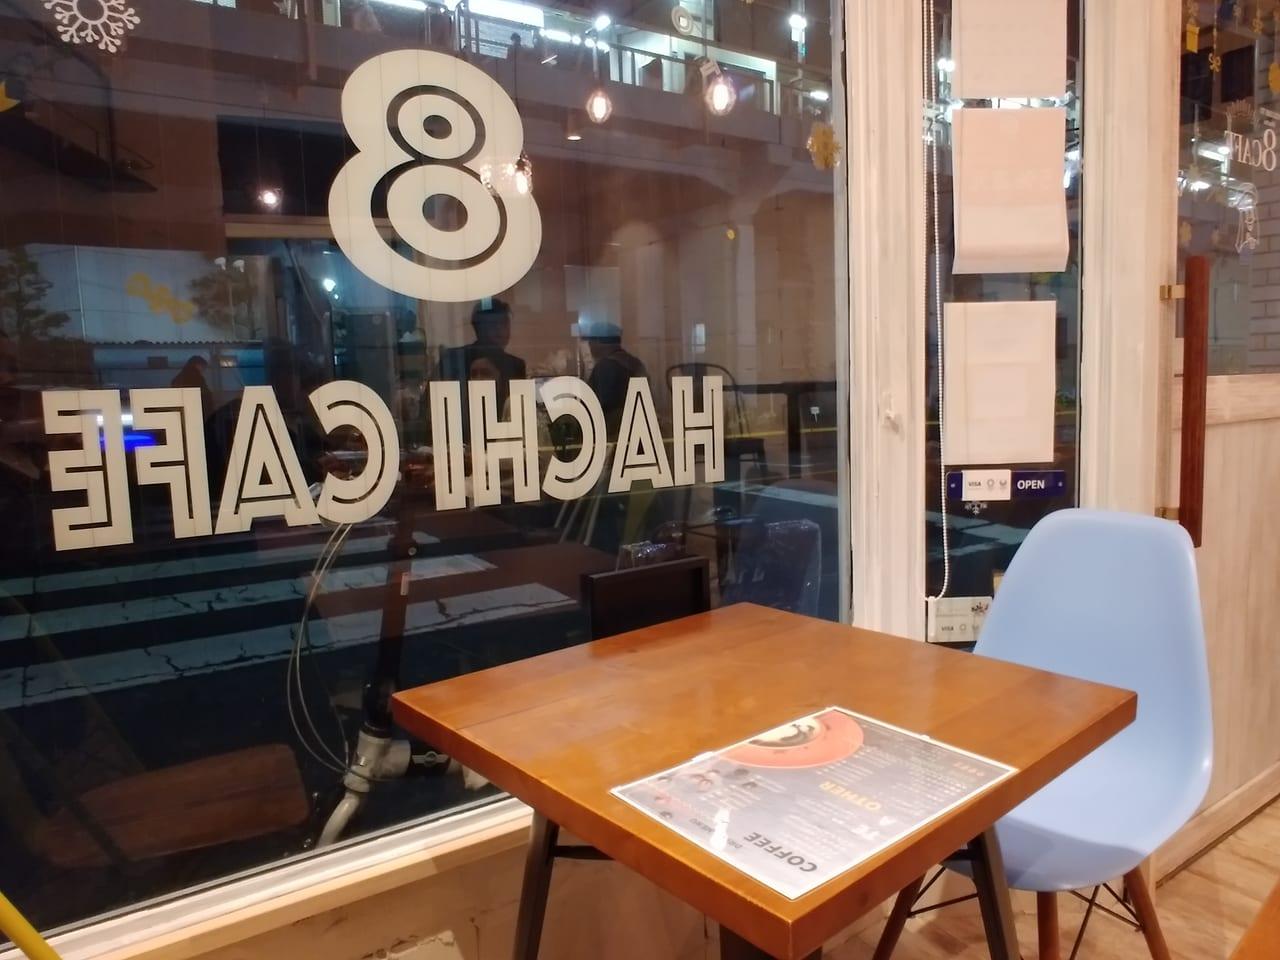 8cafeの中